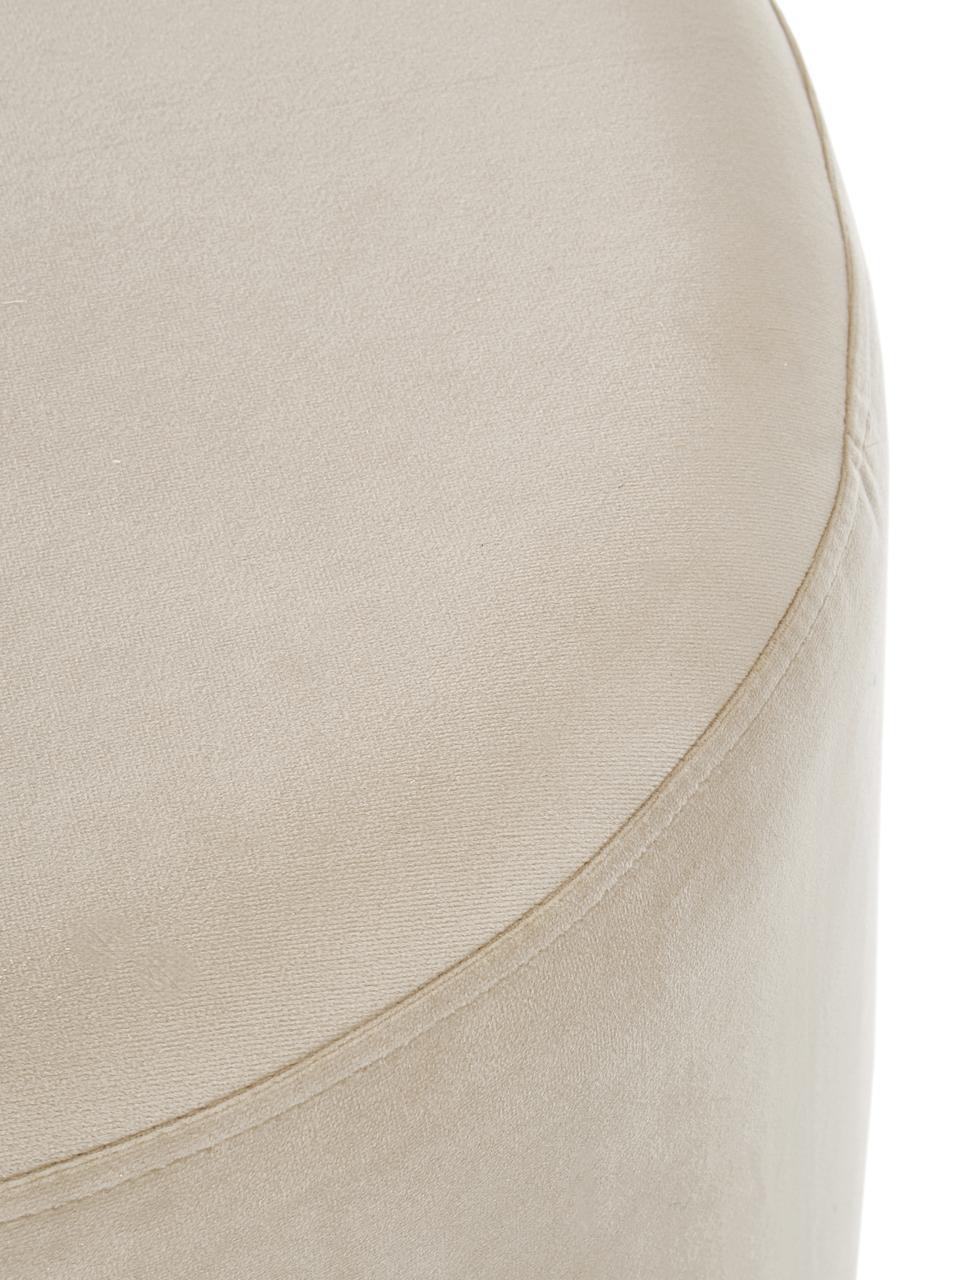 Fluwelen poef Daisy, Bekleding: fluweel (polyester), Frame: multiplex, Fluweel beige, Ø 38 x H 45 cm